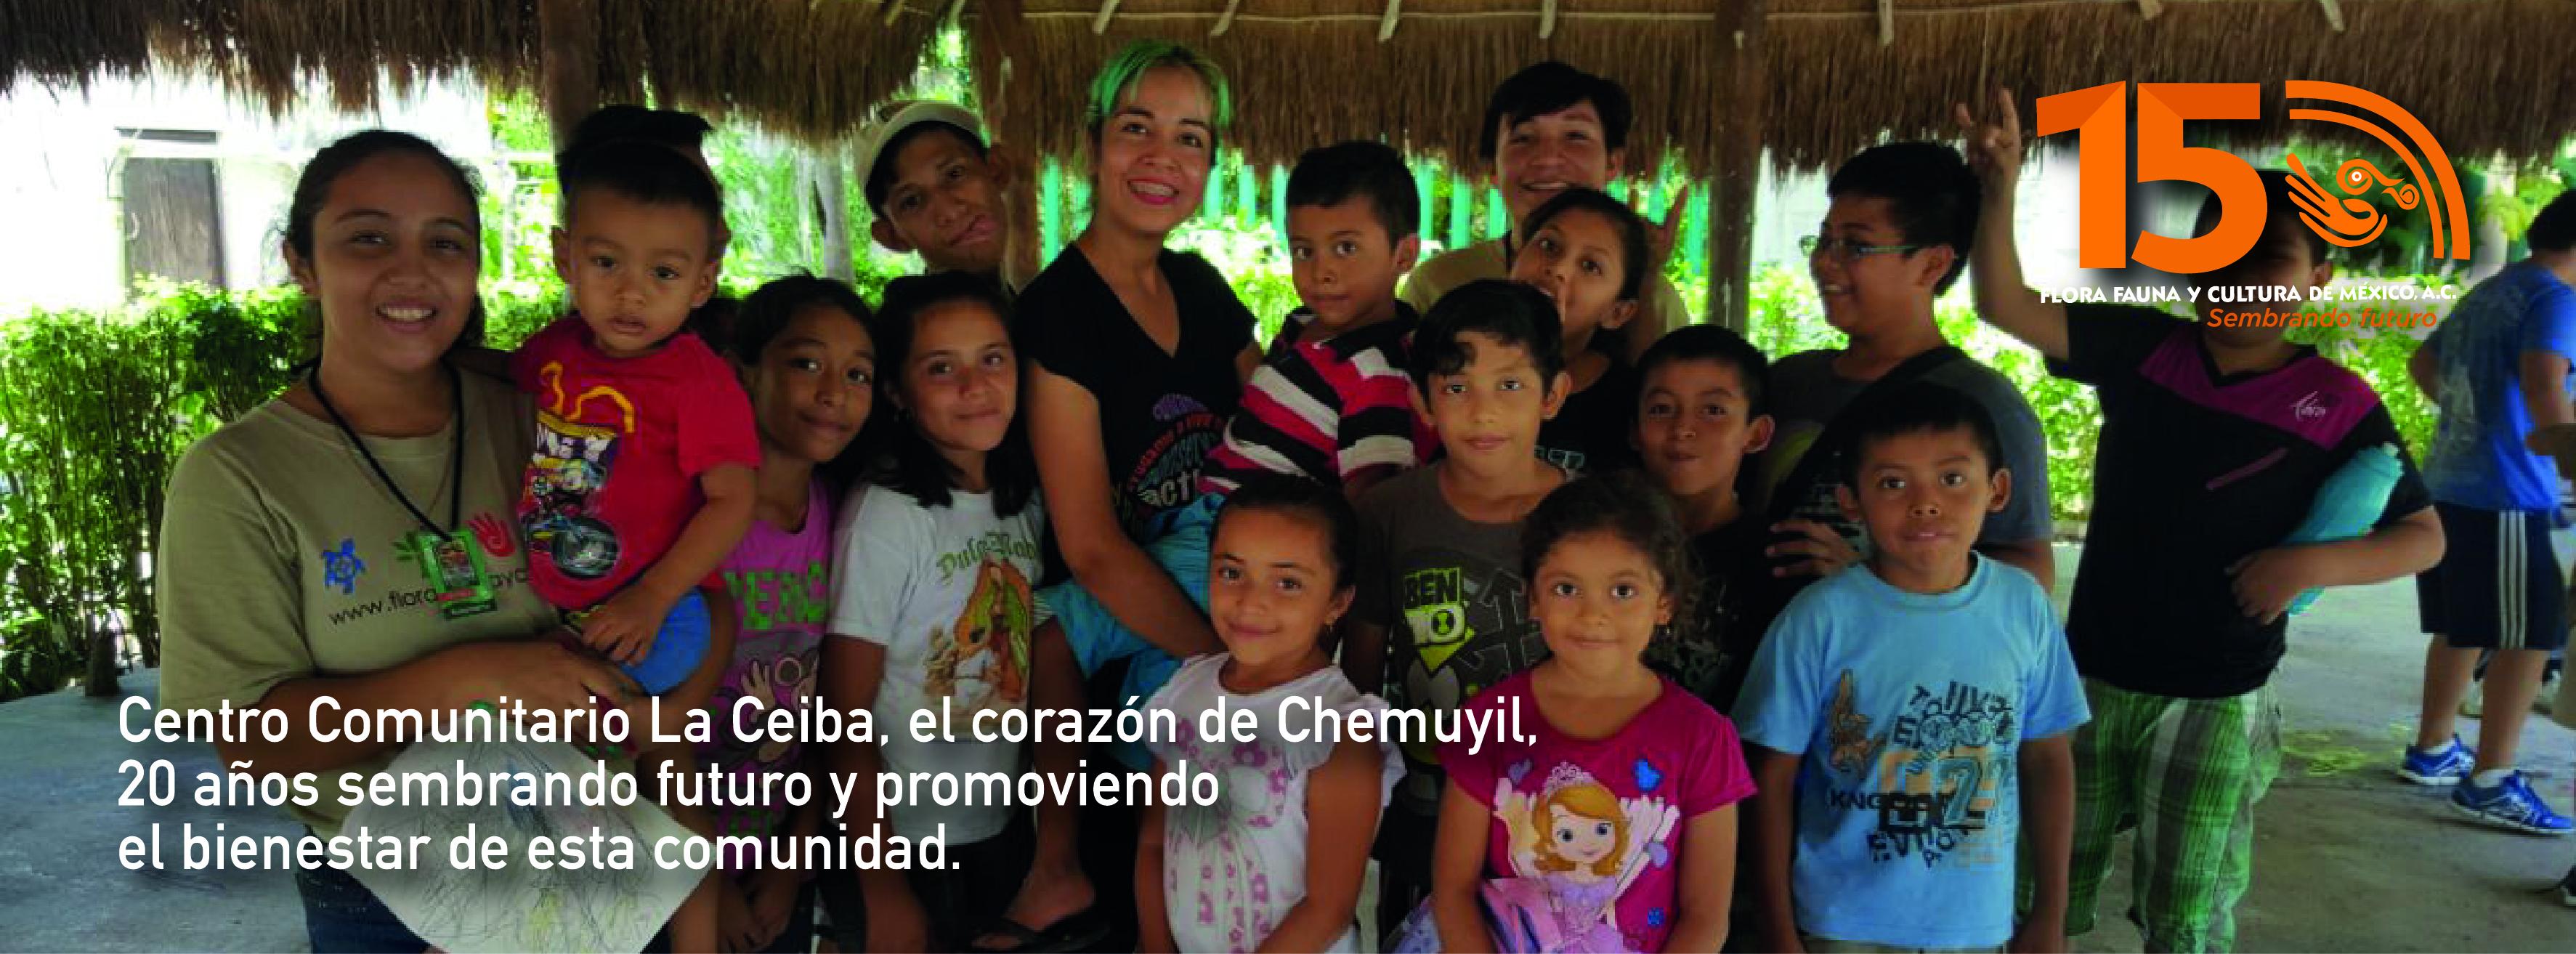 Únete al latido de la Ceiba, el corazón de Chemuyil